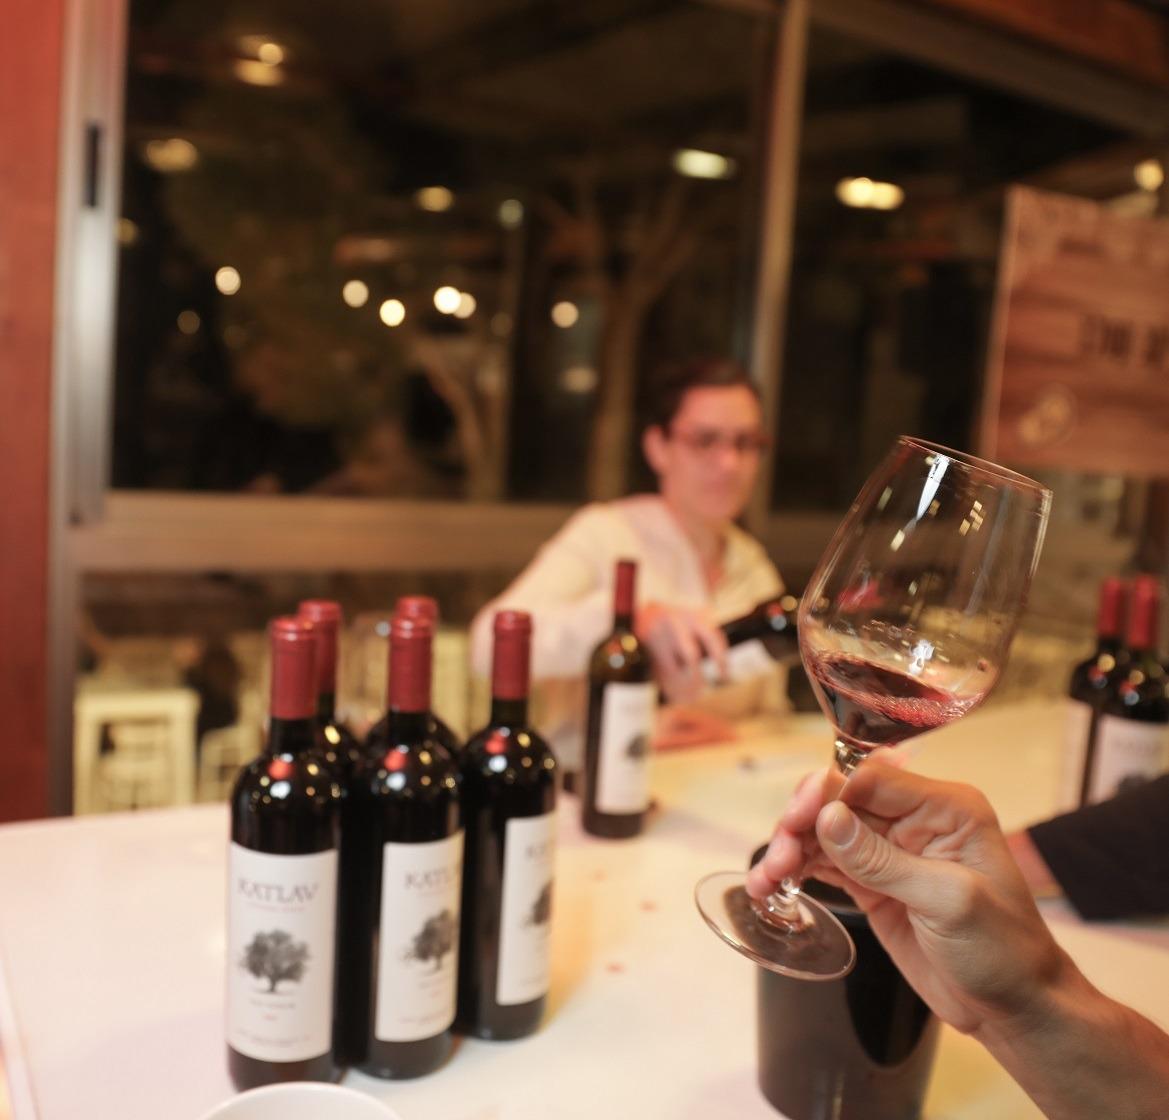 פסטיבל היין במטה יהודה צילום אלדד מאסטרו (3)